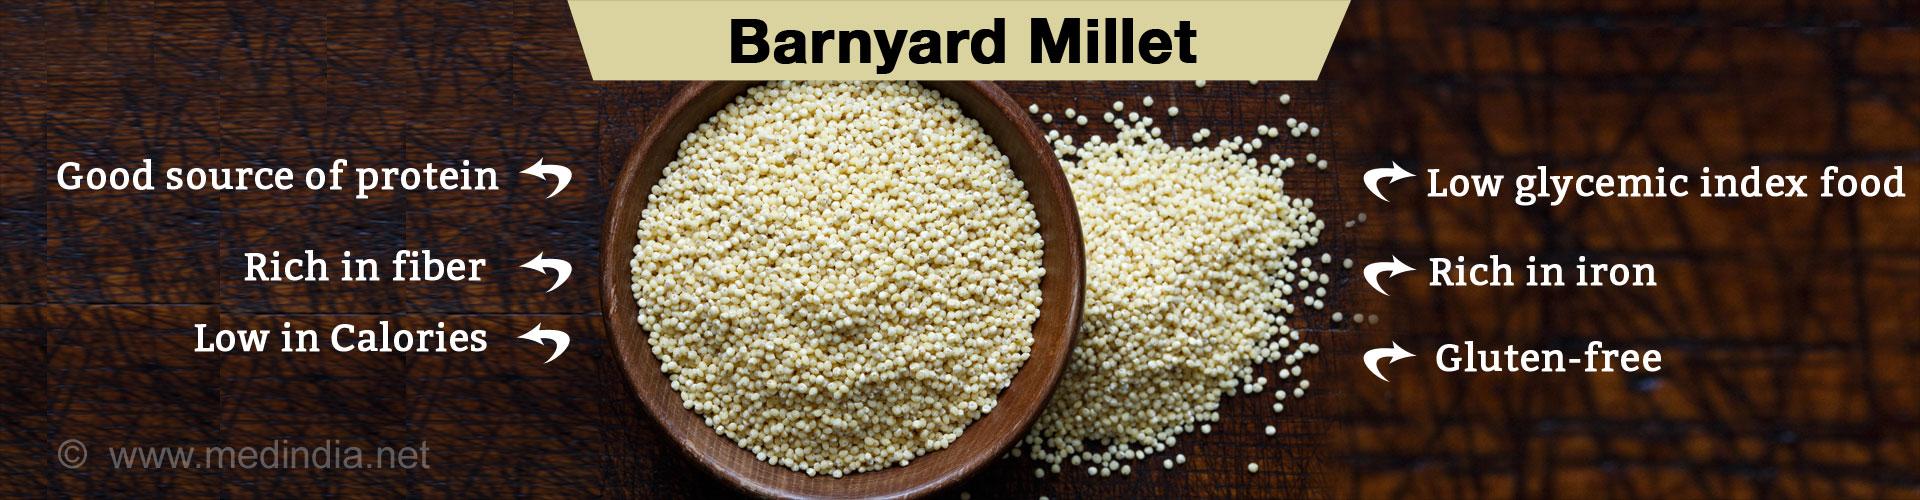 Top 5 Health Benefits of Barnyard Millet